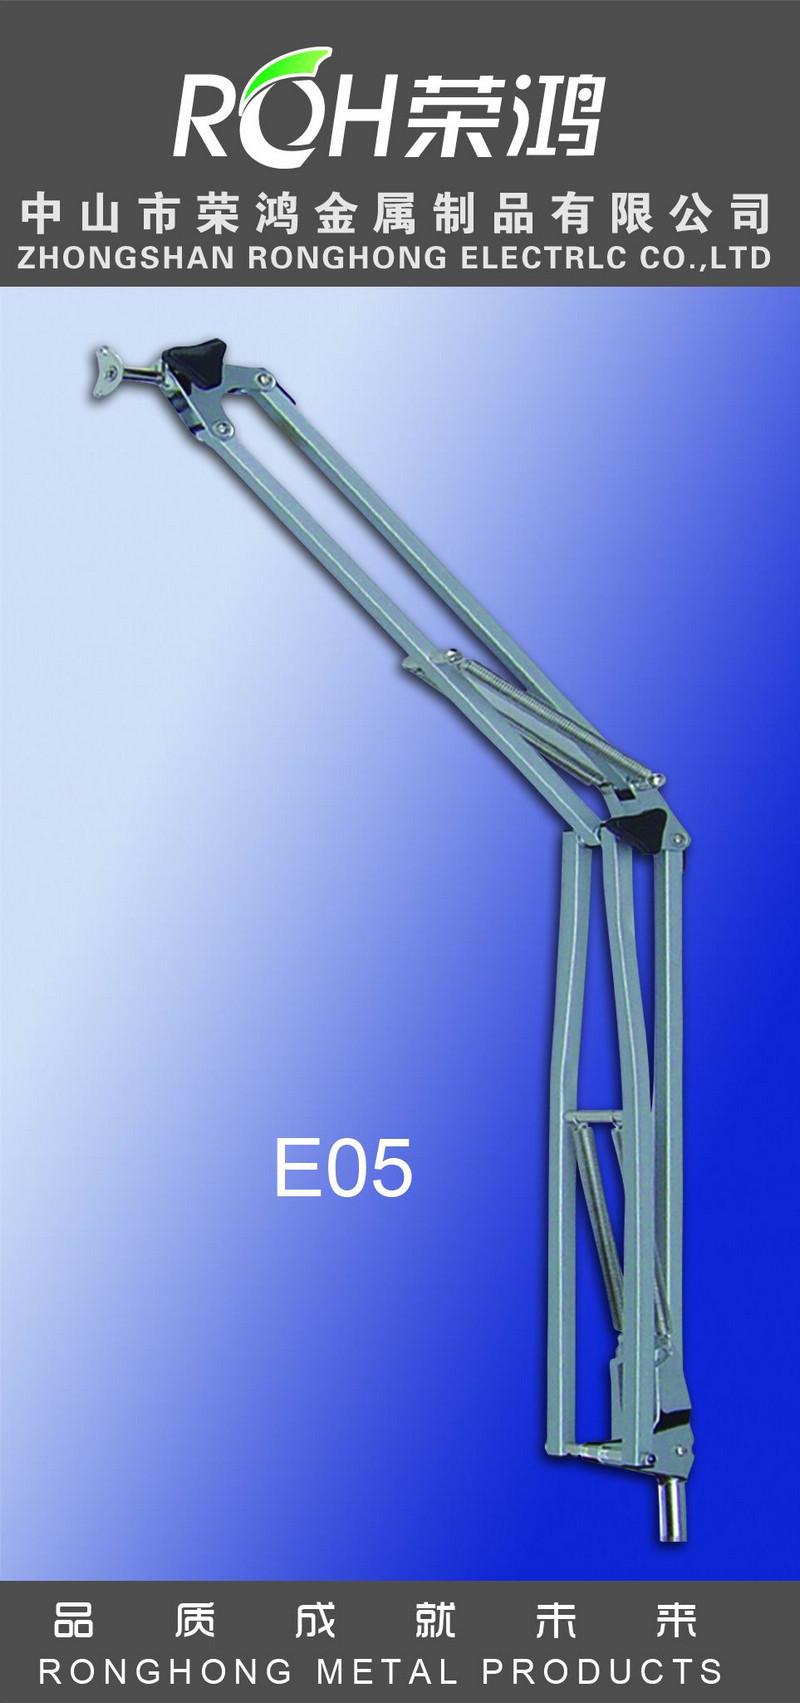 摇臂支架图片-型号为E05-有各种电镀、喷涂等表面处理,如图为喷银色